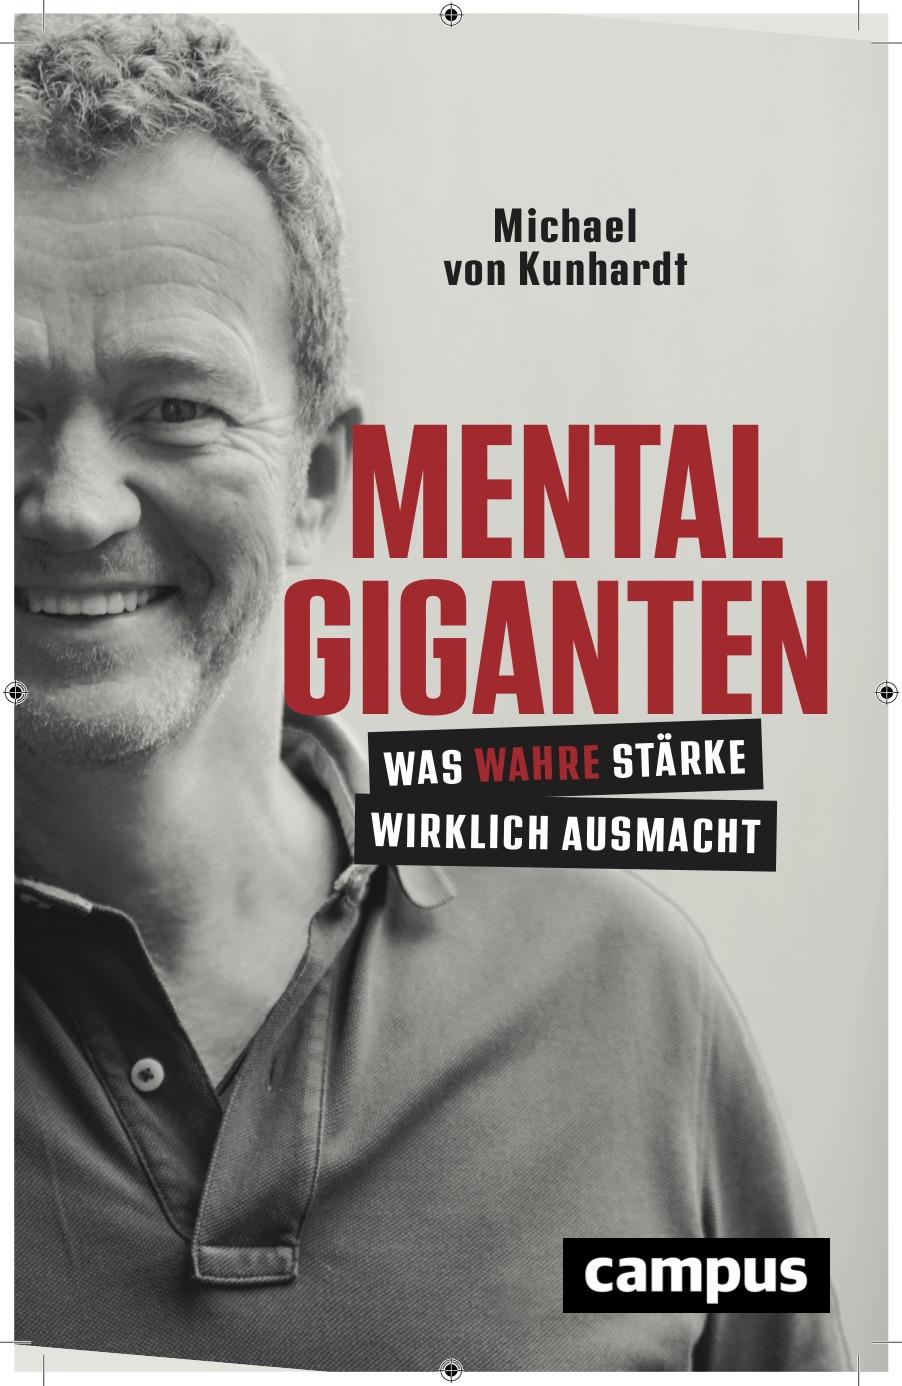 Expert Marketplace -  Michael von Kunhardt  - Mentalgiganten – was wahre Stärke wirklich ausmacht